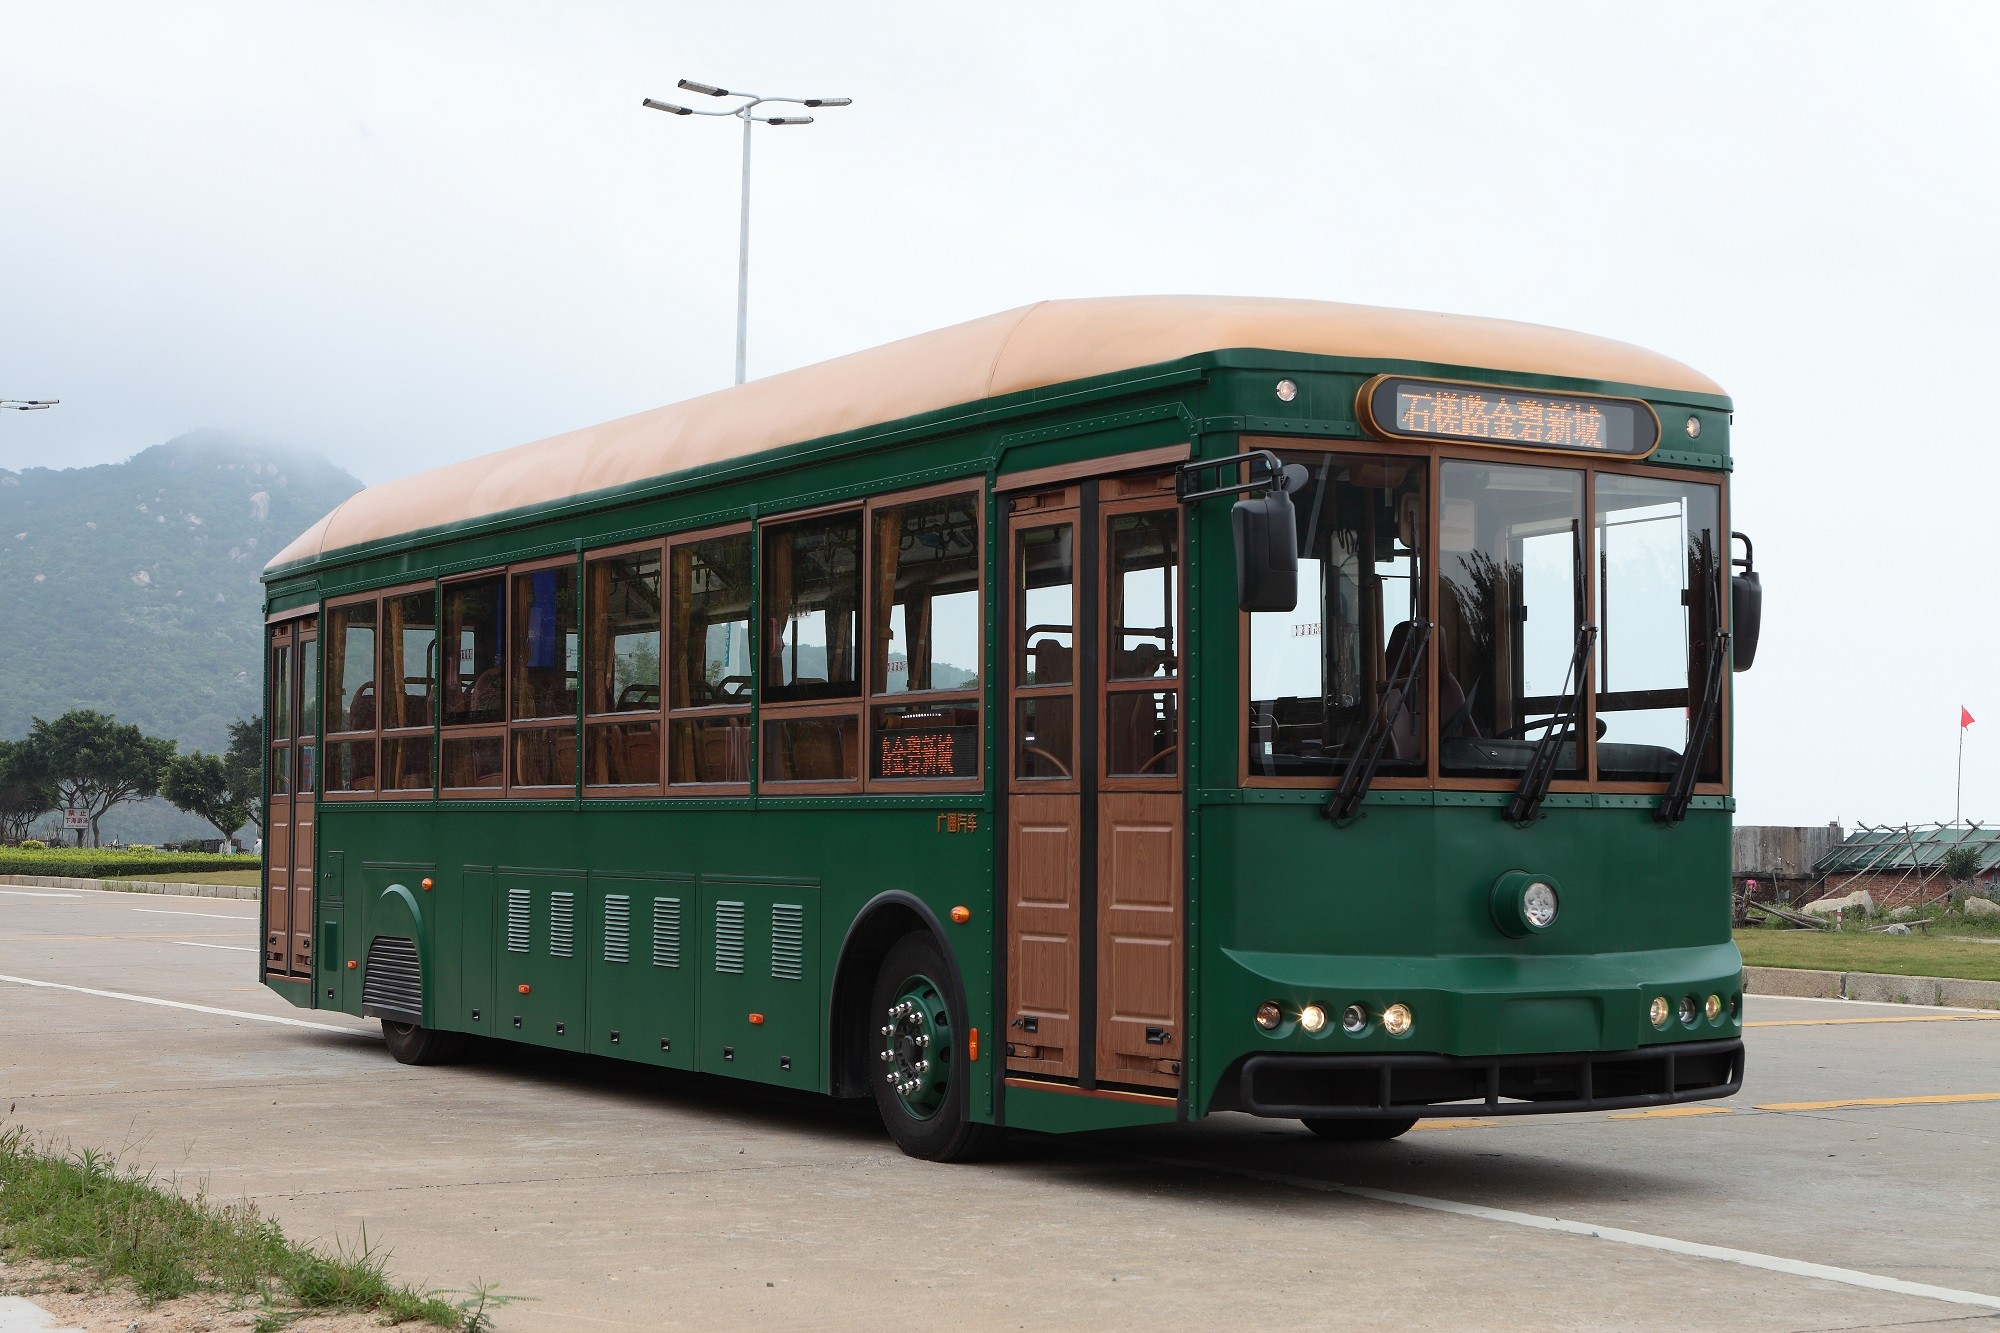 dang_bus.jpg